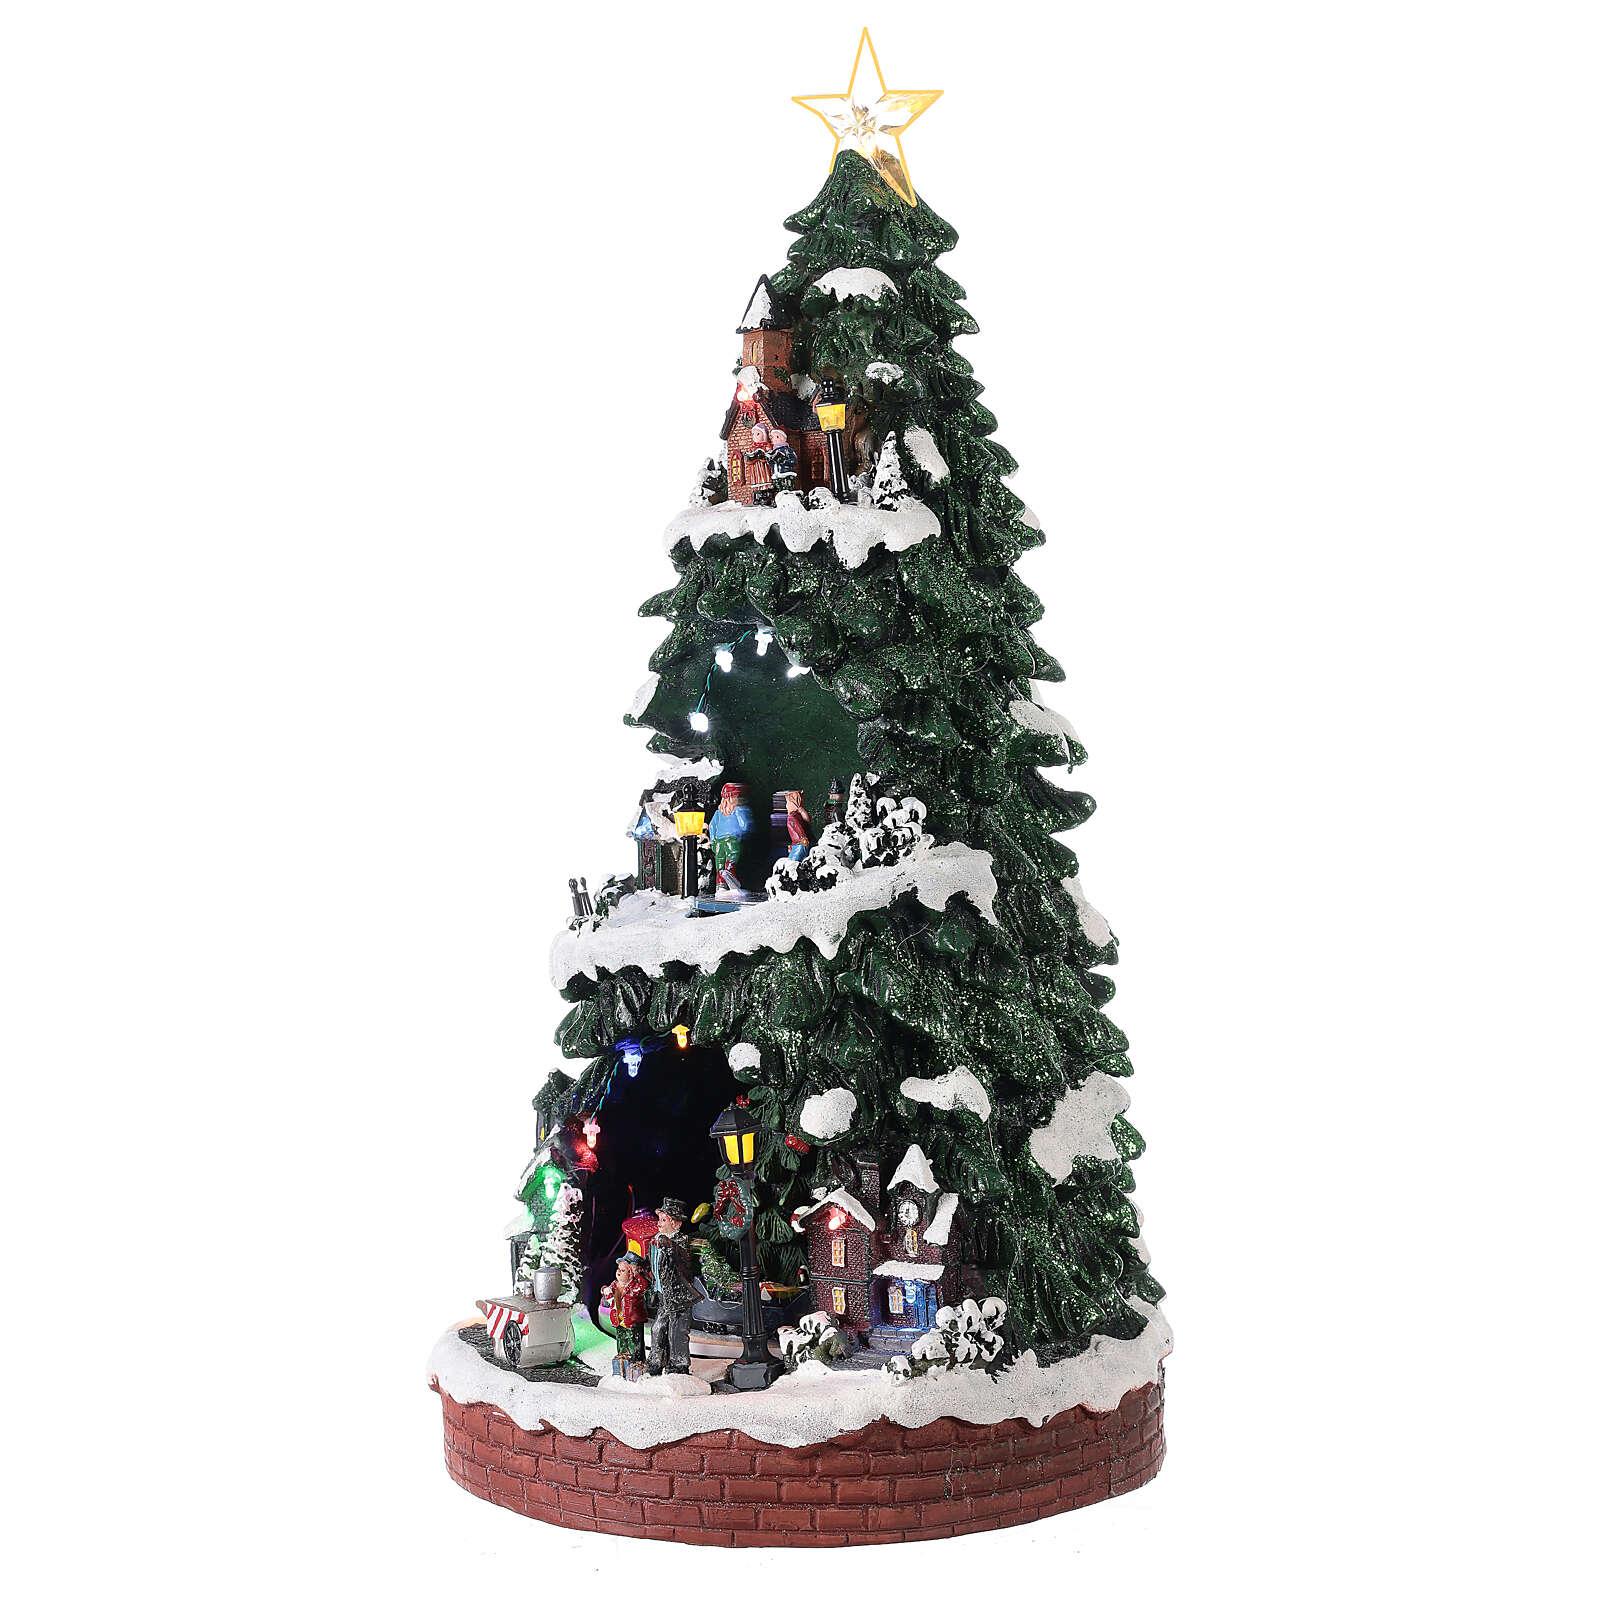 Villaggio natalizio pista pattinaggio 40x20x20 cm 3